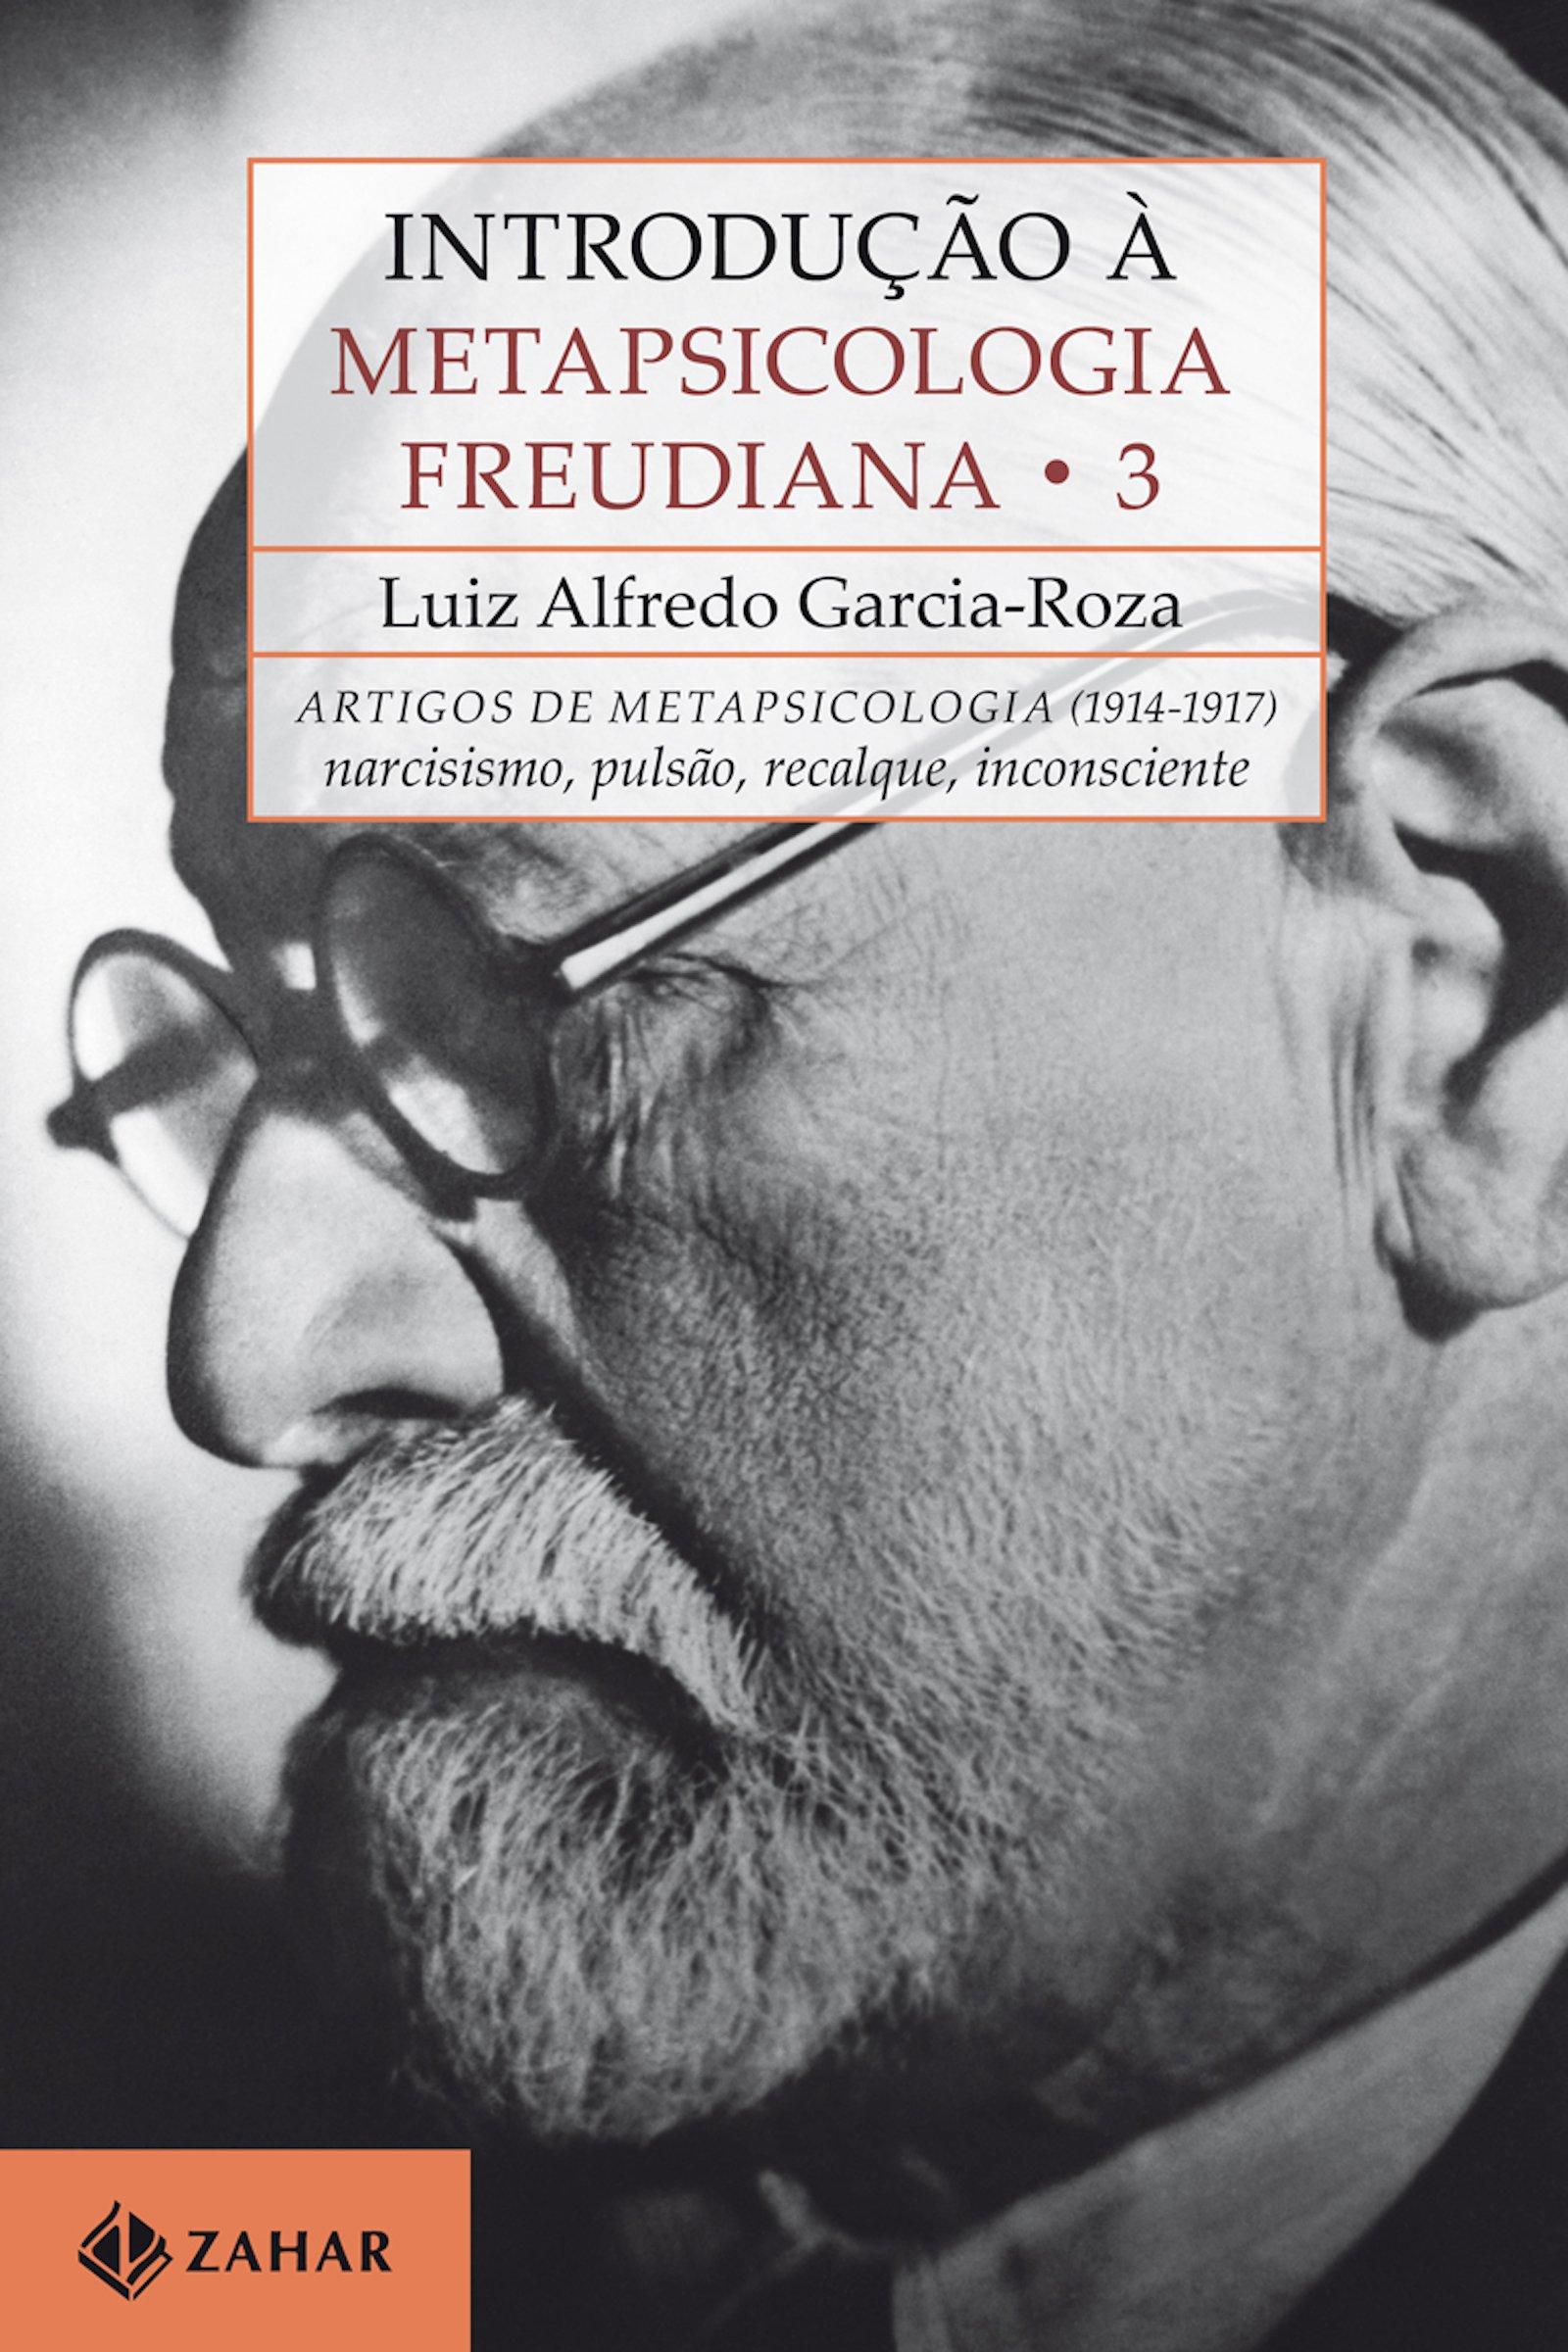 Introdução a Metapsicologia Freudiana: Artigos de Metapsicologia (1914-1917) - Vol. 3